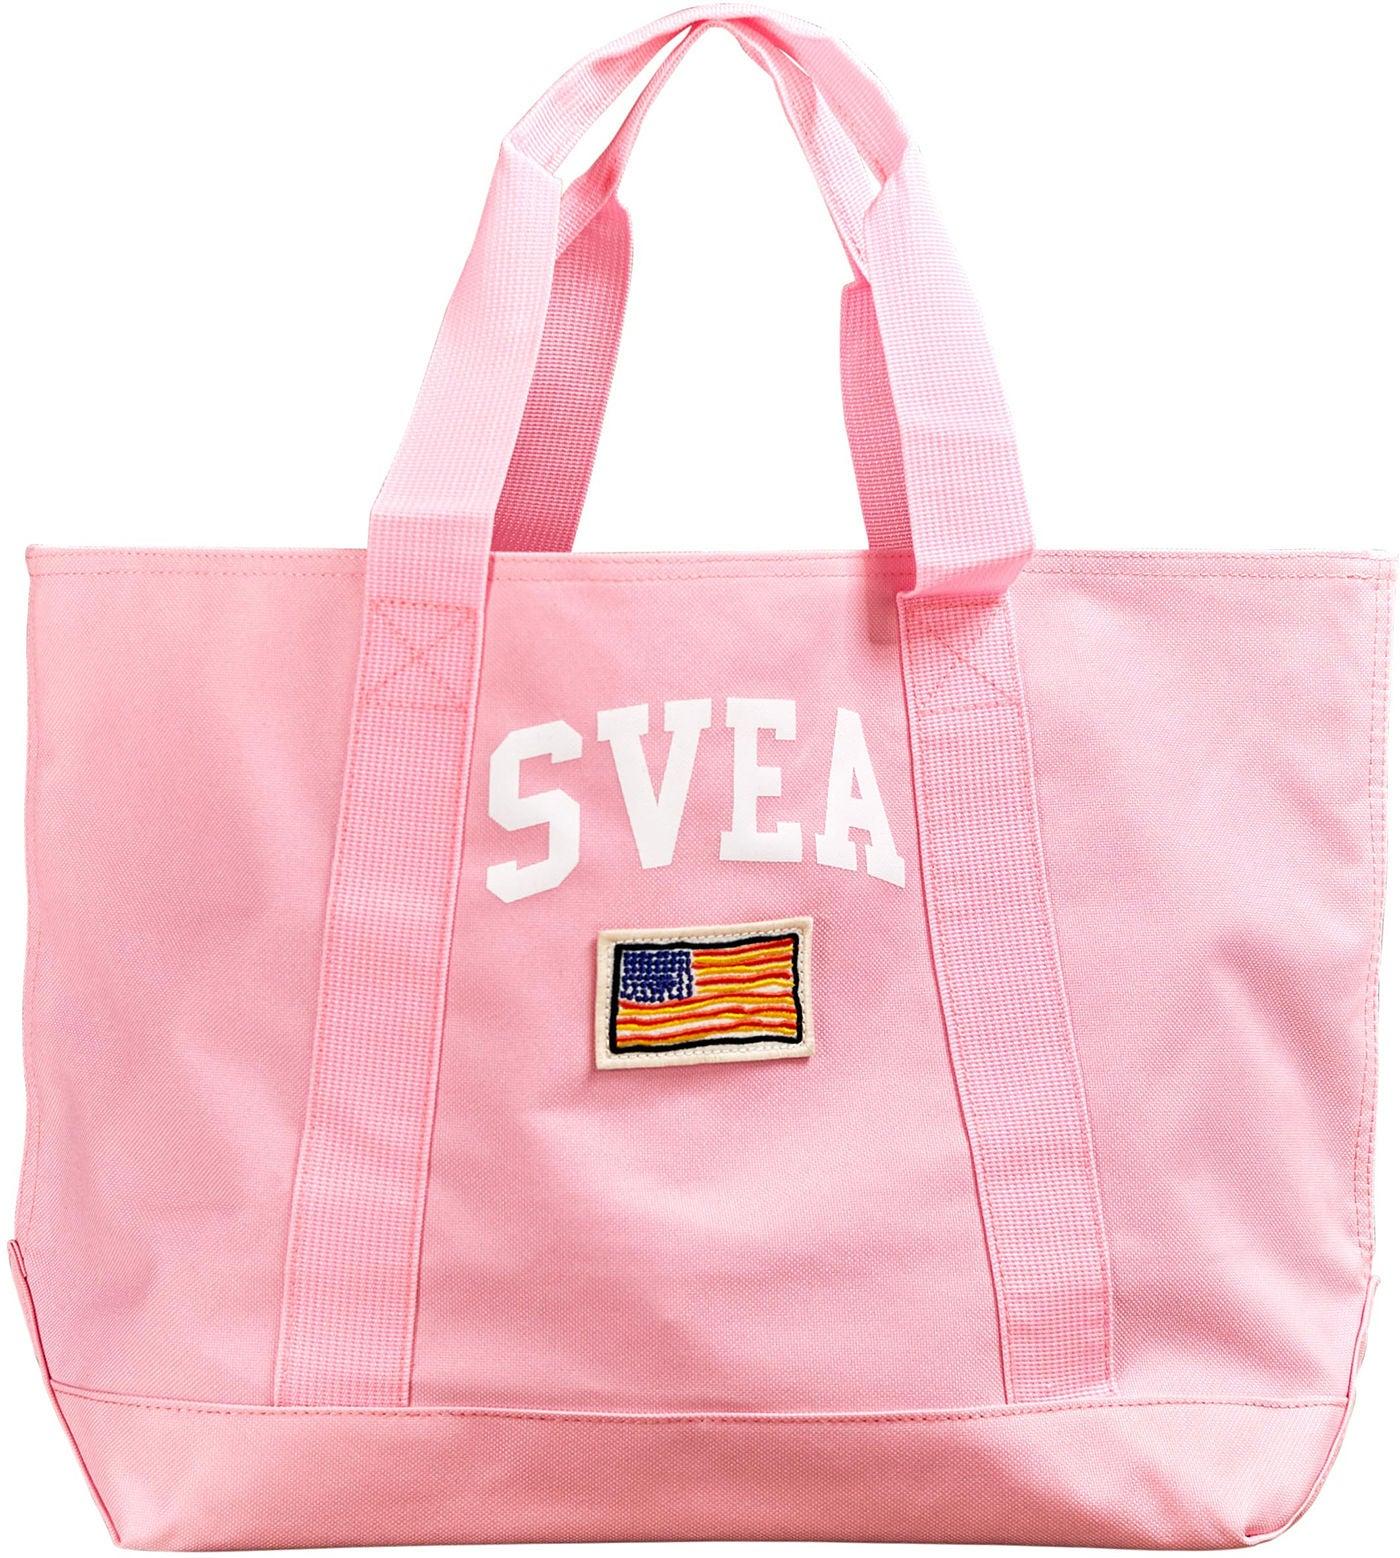 Svea Vilde Väska, Light Pink